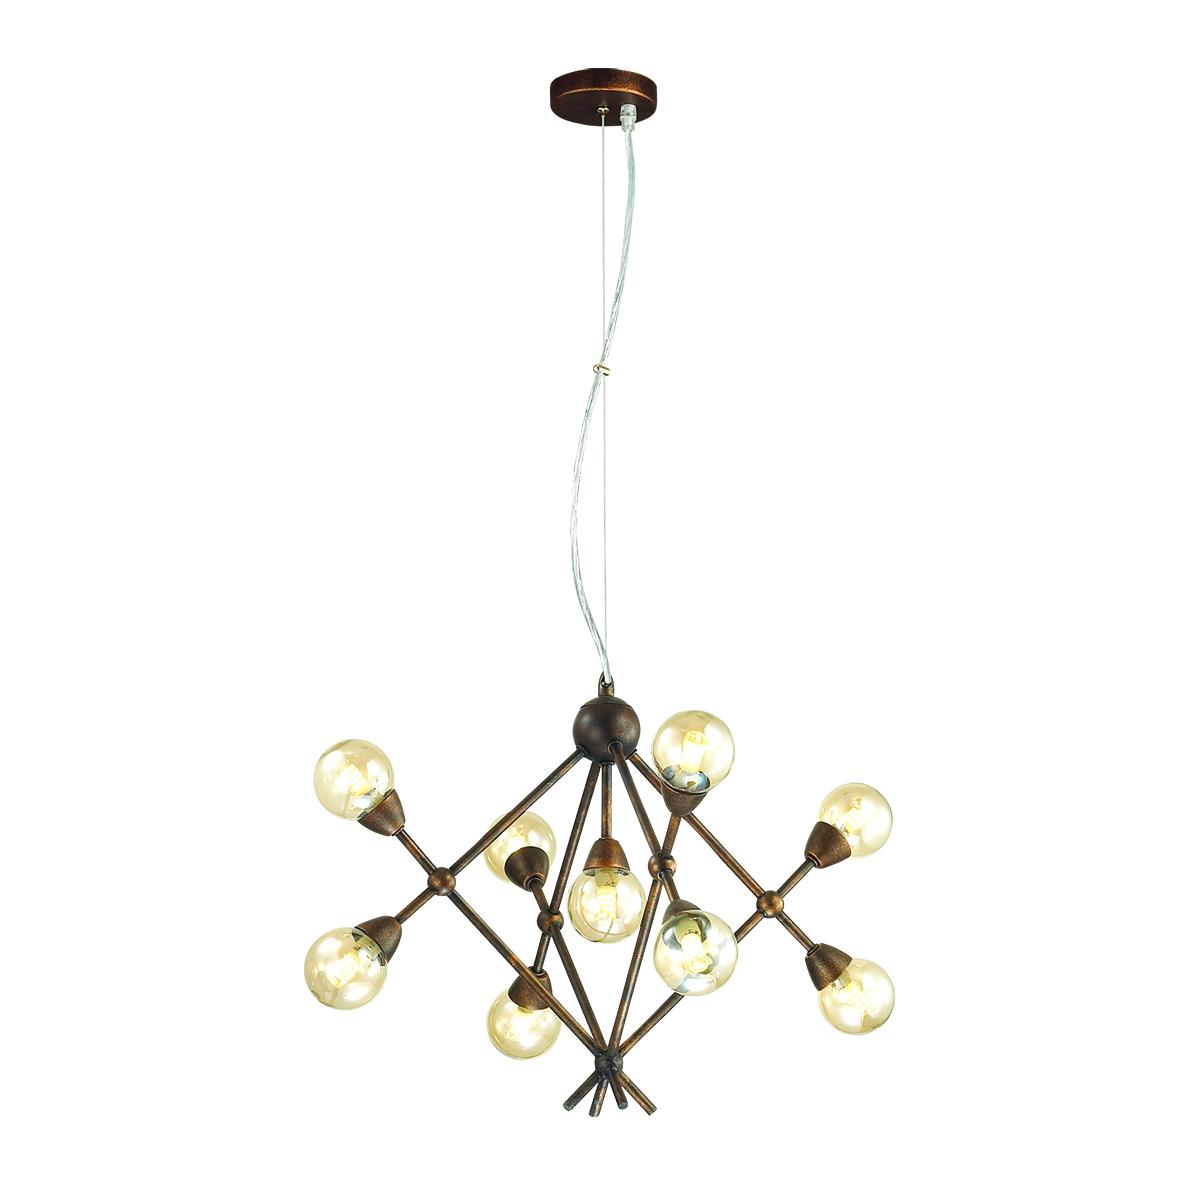 Подвесная люстра Lumion Zianox 3596/9, 9xG9x25W, бронза, янтарь, металл, стекло - фото 1